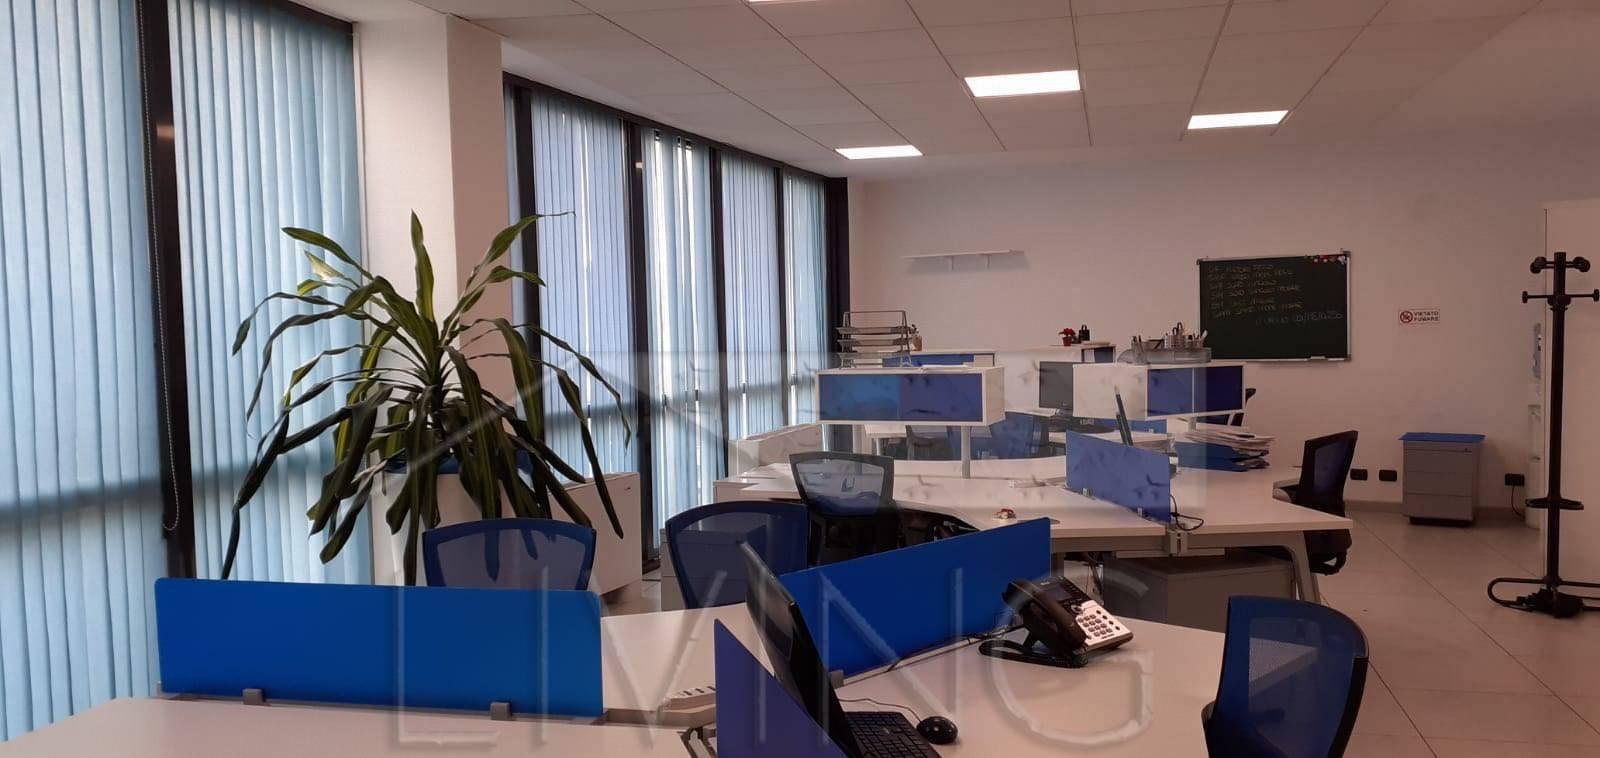 Ufficio in vendita a Massarenti, Bologna (BO)